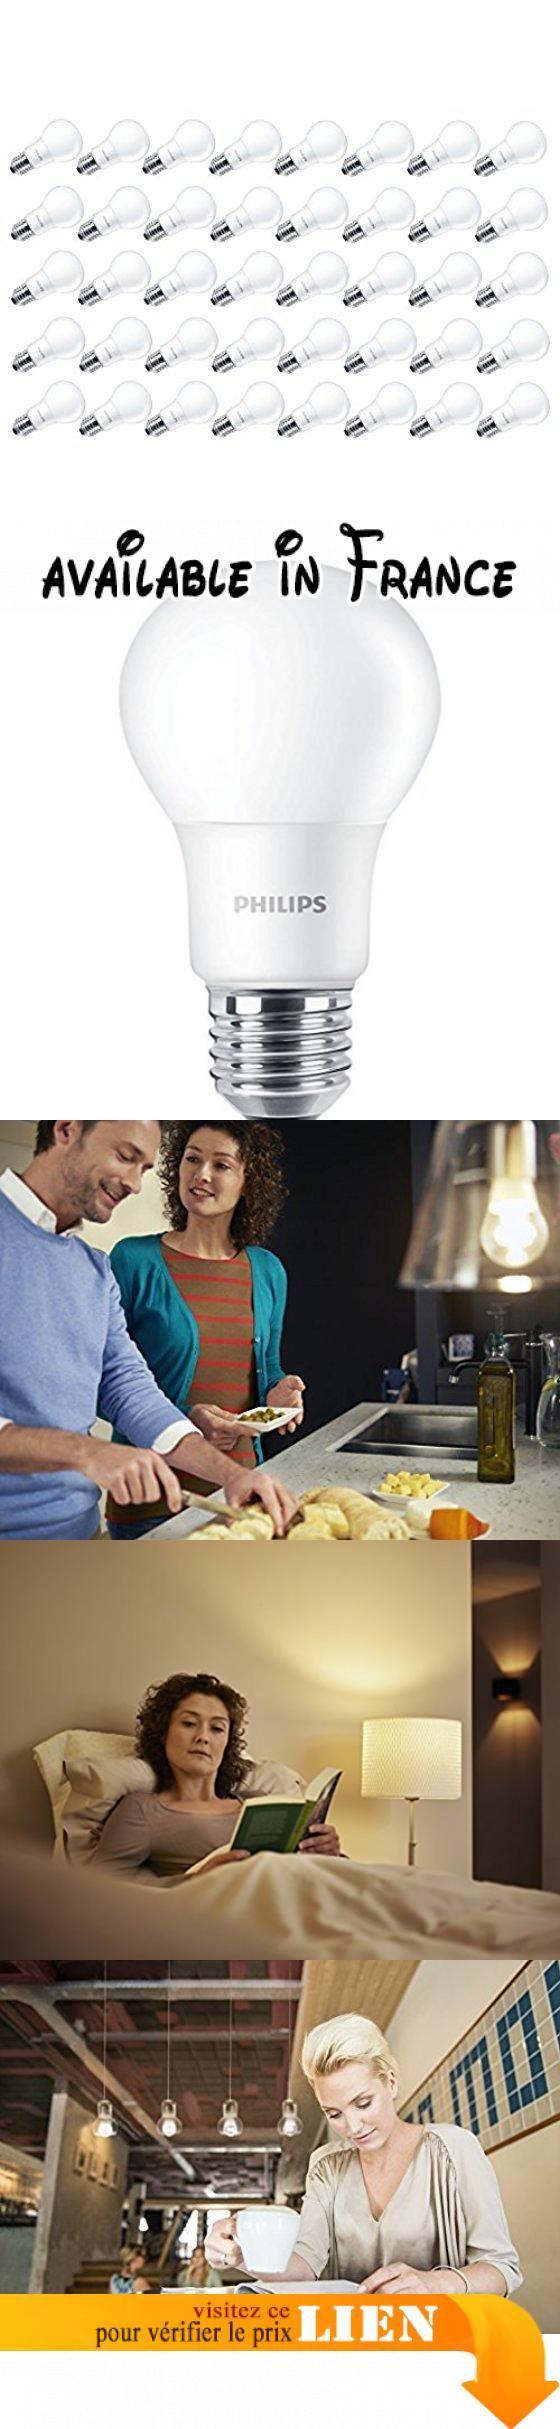 Philips CorePro Ampoule LED non dimmable Cool givré ampoule A60, blanc, 7,5W, E27, Lot de 40. LED de haute qualité lumière-faible coût idéale pour remplacer les ampoules halogènes ou fluorescentes compactes. Créer un environnement parfait, comme les lampes à incandescence ou halogènes. Économisez jusqu'à 90% d'énergie avec technologie LED très basse consommation Philips. Ne changez votre ampoule-dure jusqu'à 15000h. Lumen: 806lumens, rendu